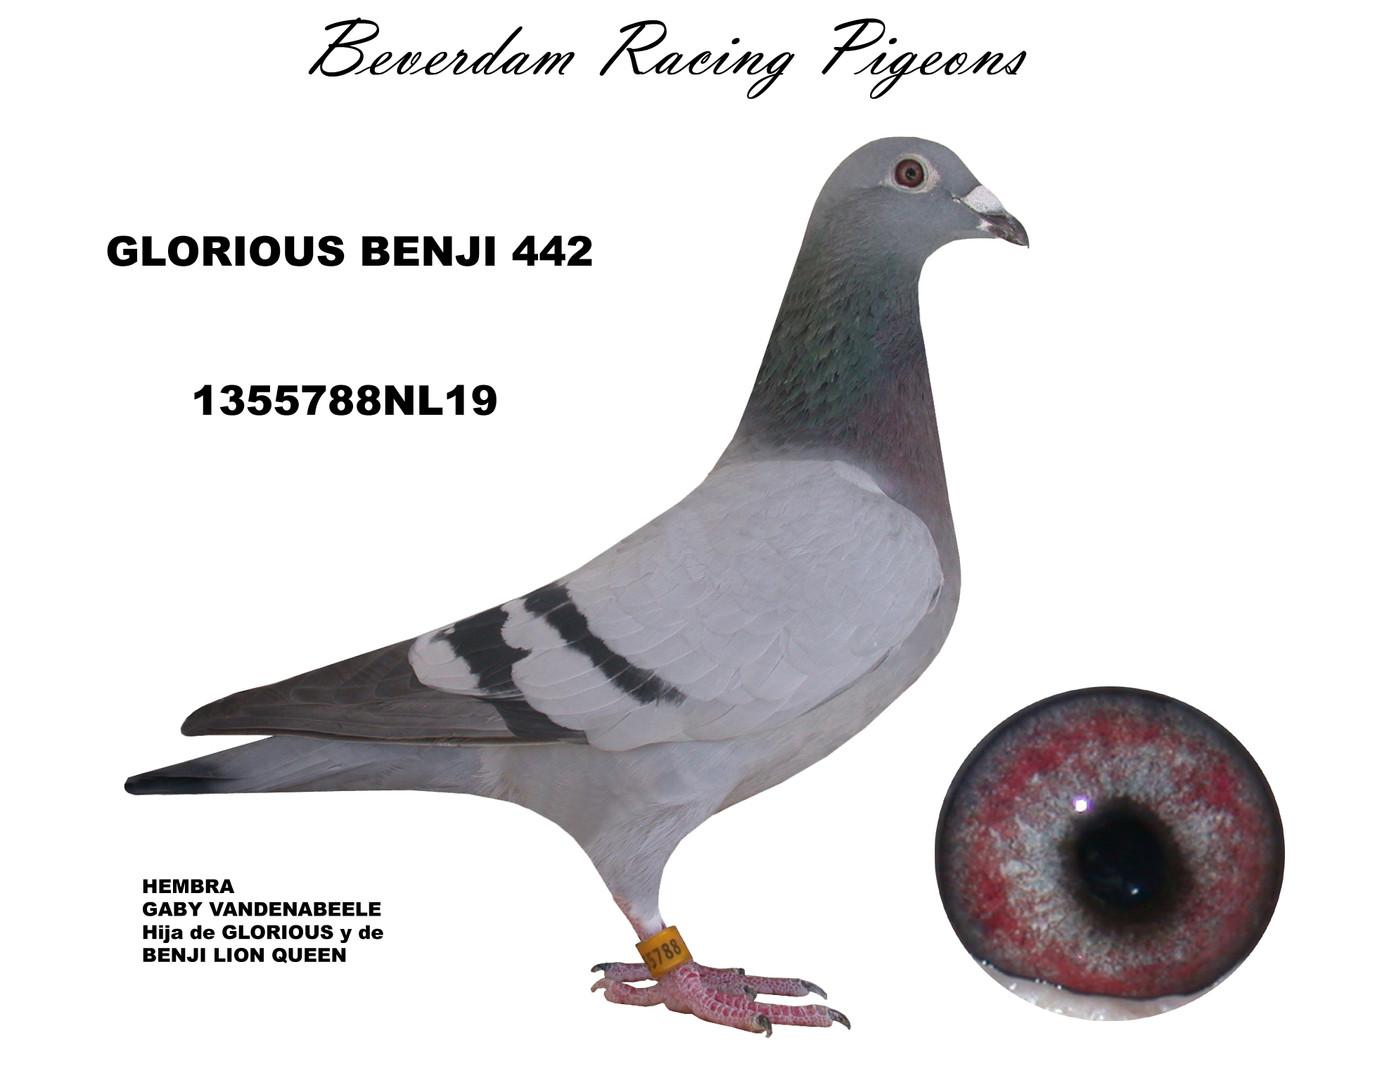 NL19-1355788NL19 term.jpg